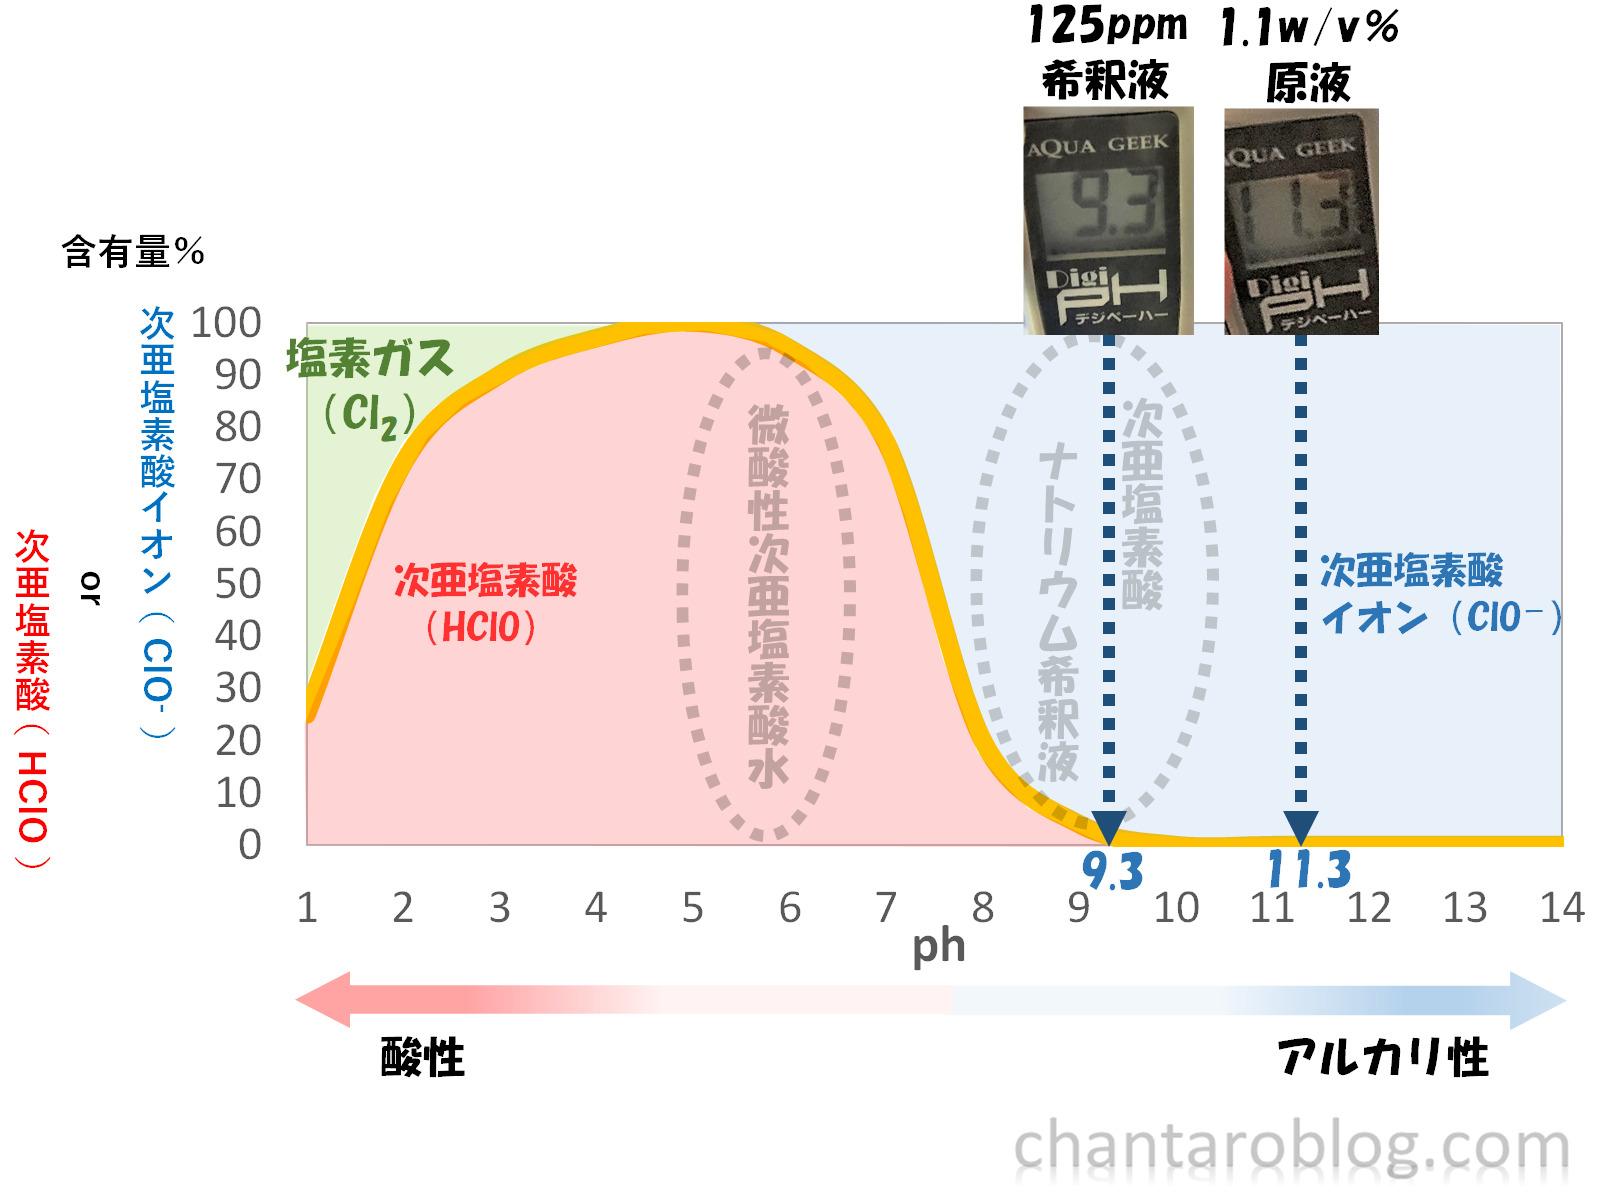 ミルトンの原液と希釈液のphを測定した結果がグラフに書き込まれている。